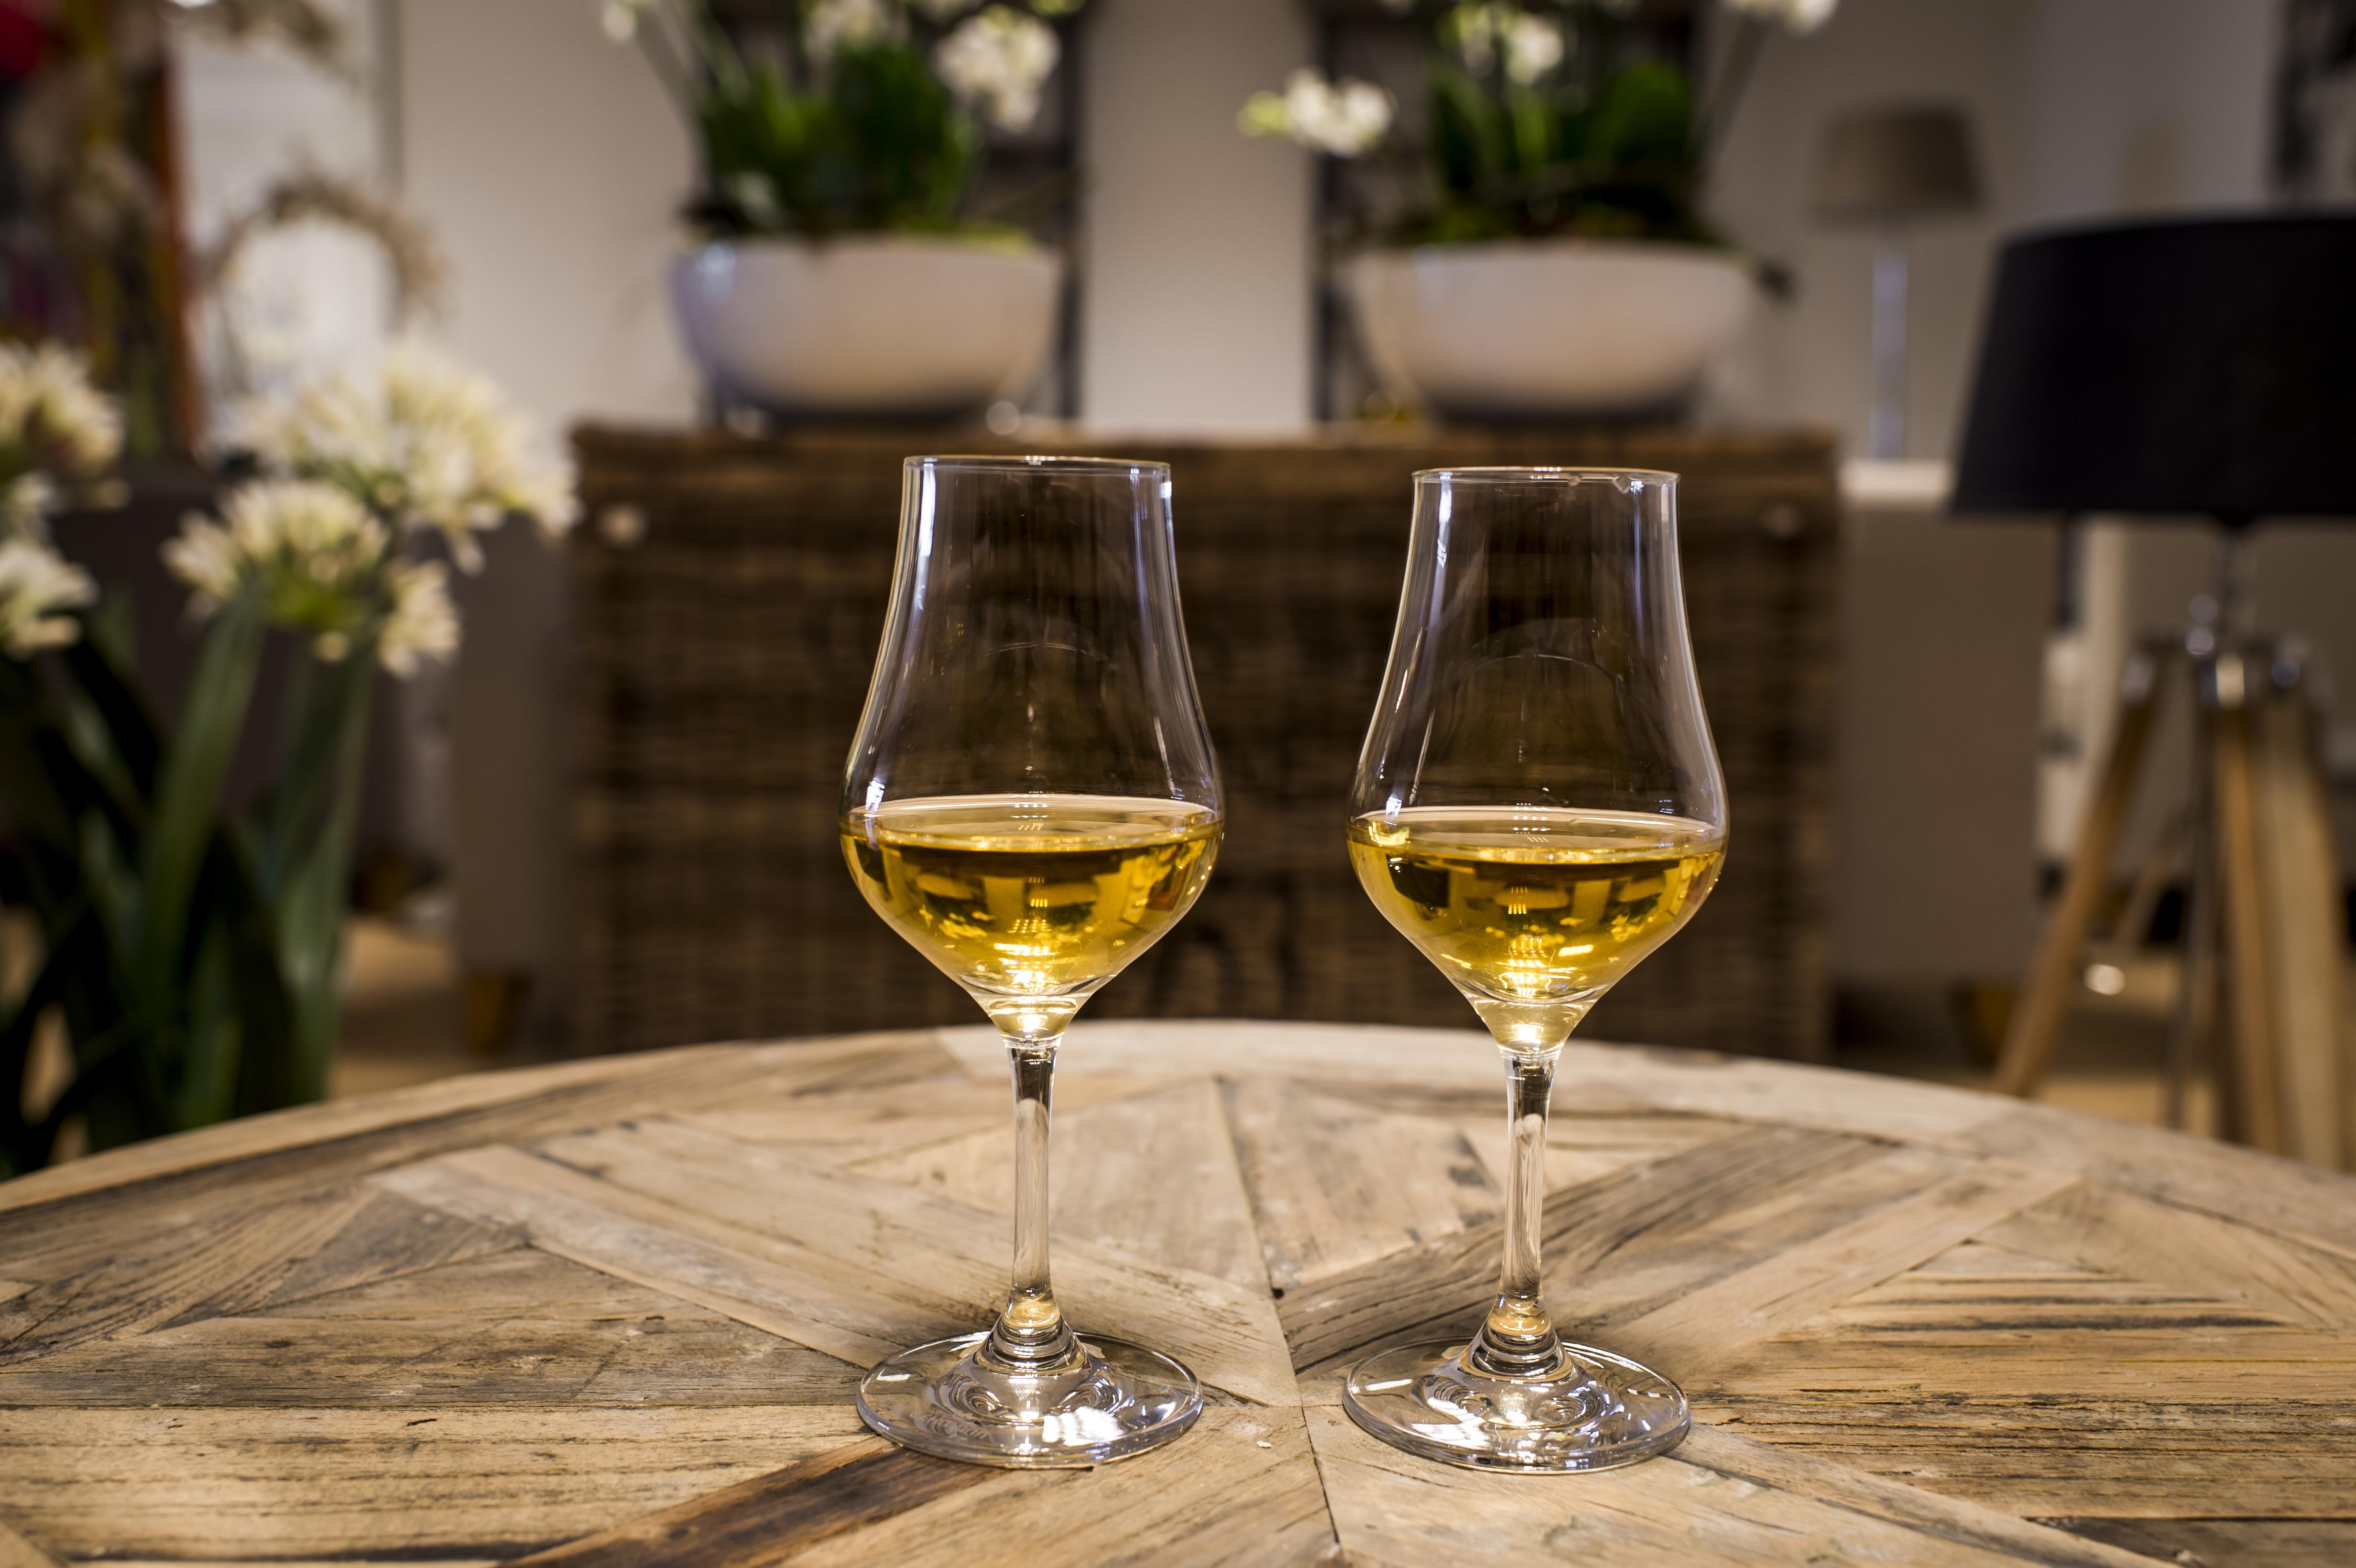 Drie keer de whisky nosing glass op een rij